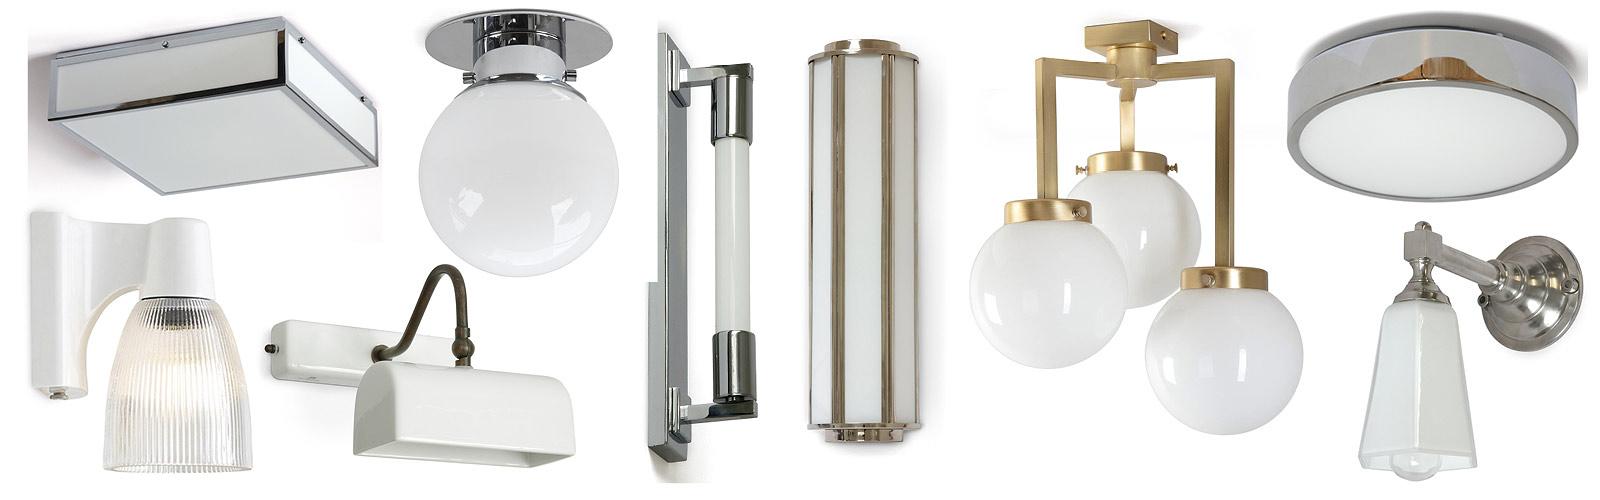 Leuchten Bad: exklusive Auswahl zeitloser Badezimer-Lampen